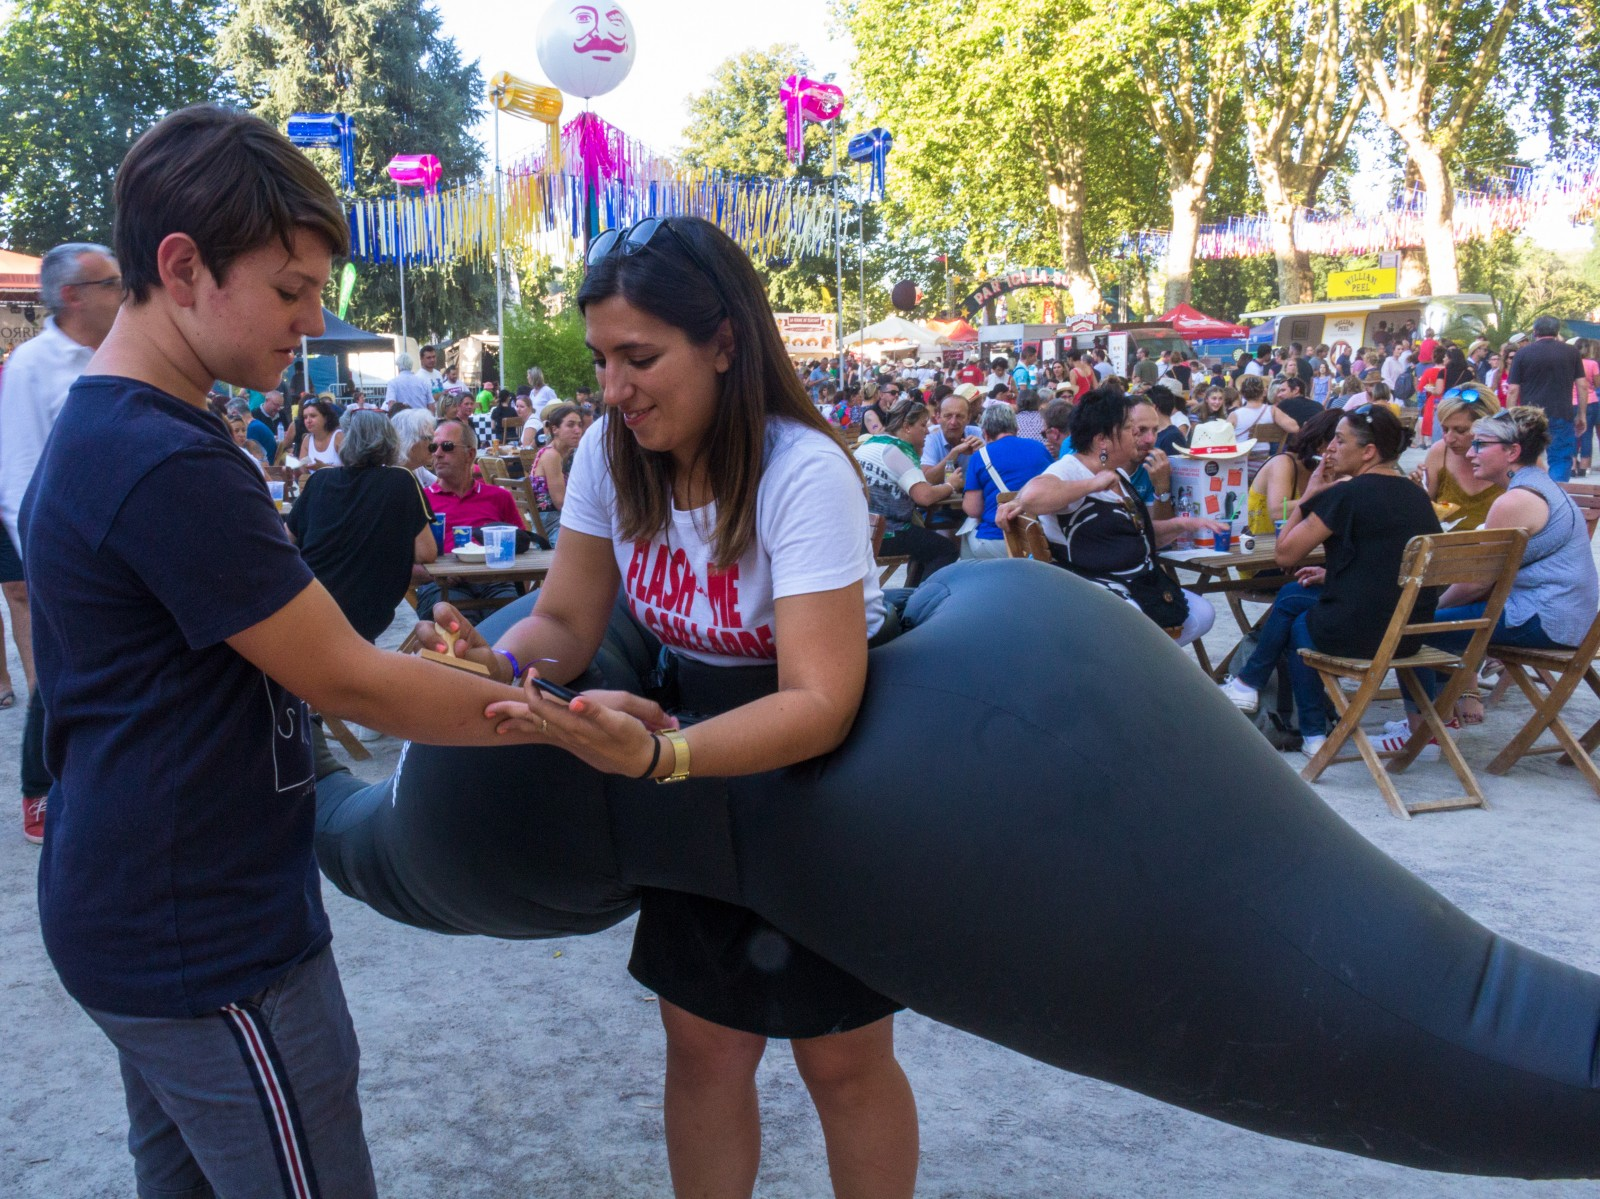 festival de musique adolescent